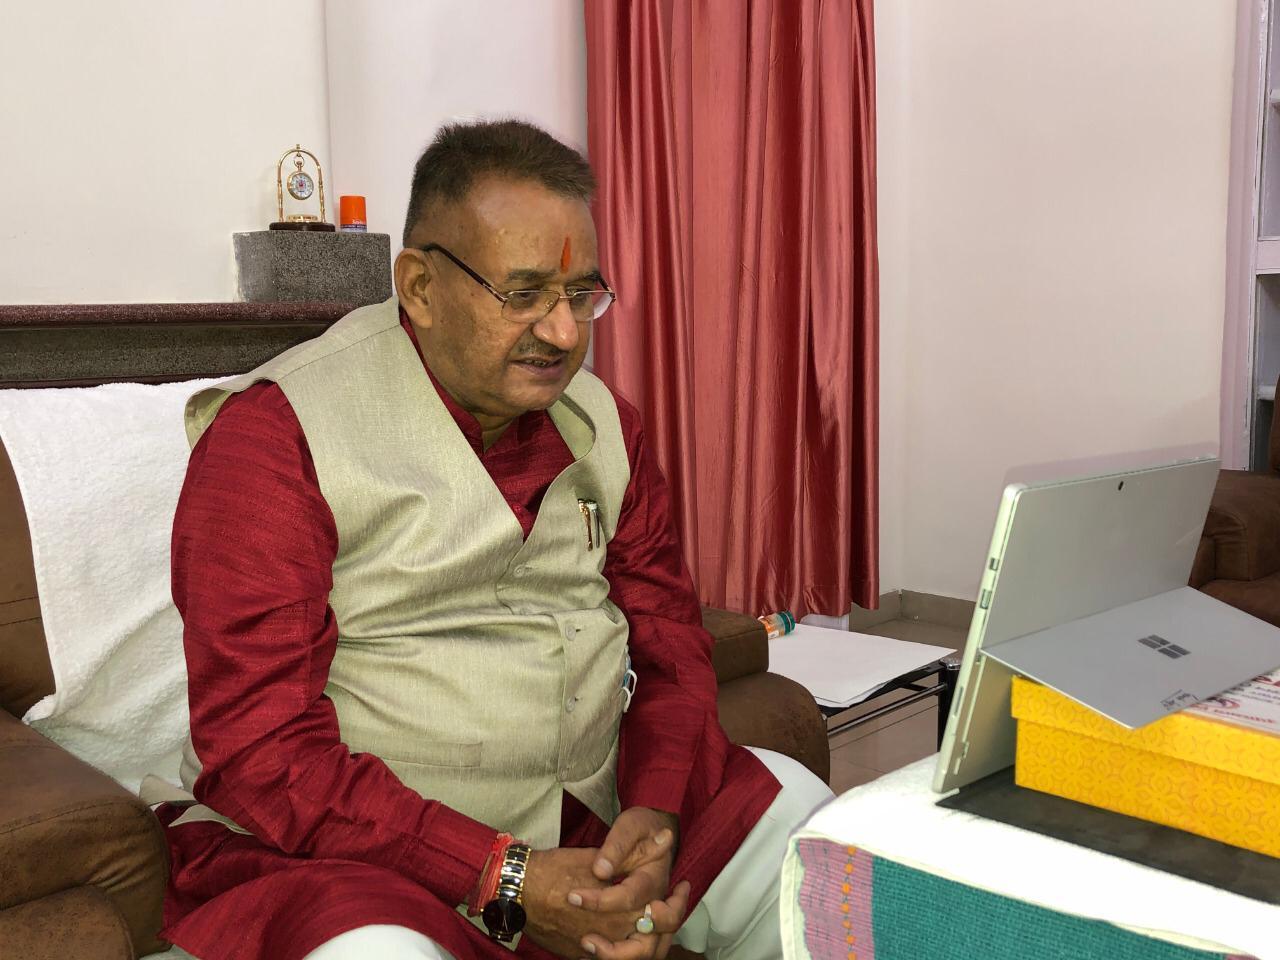 मोदी सरकार की ''सेवा के सात साल'' पूरे होने के अवसर पर काबीना मंत्री गणेश जोशी ने 'सेरागांव' और 'गंगोल पंडितवाड़ी' के ग्रामीणों से किया संवाद।